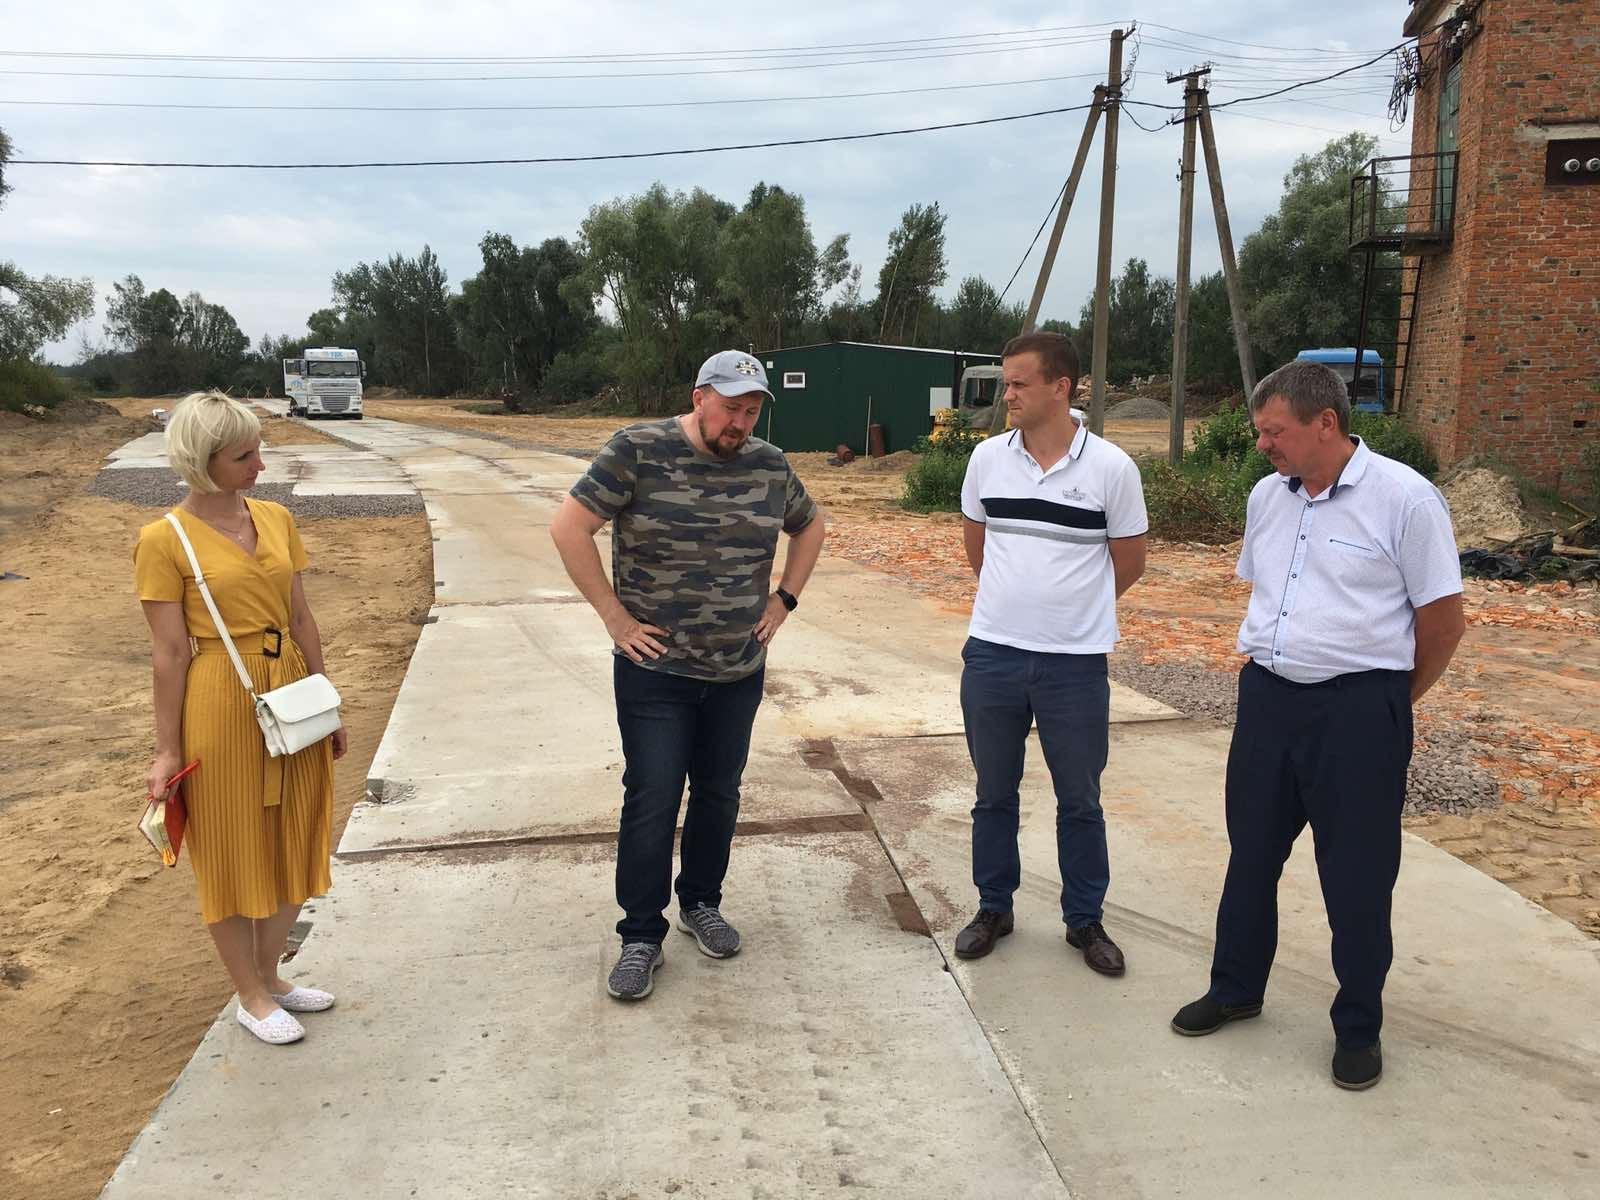 Вироблятимуть енергію з кукурудзи - на Чернігівщині будують біогазову установку